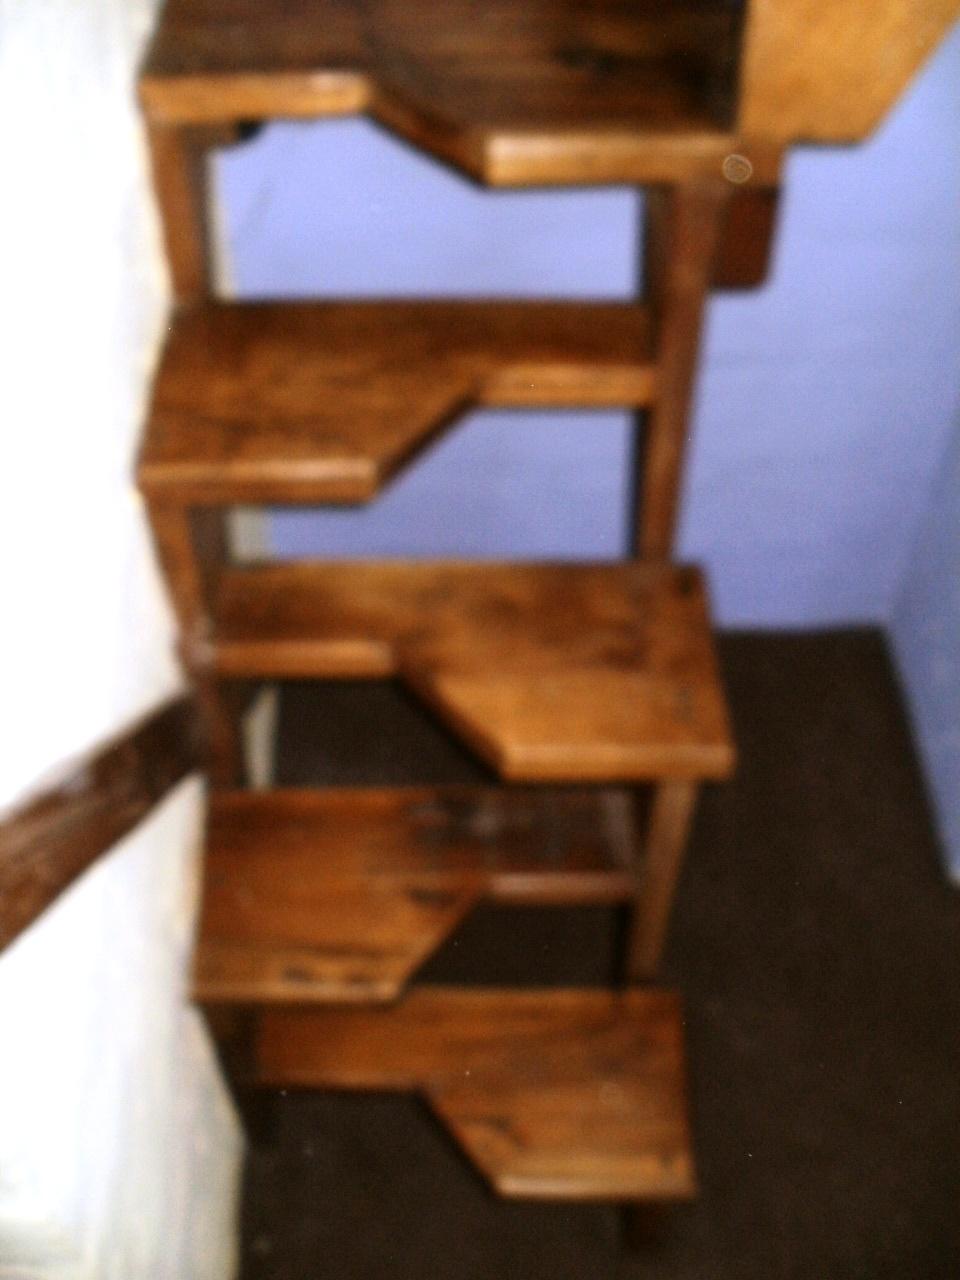 Mario v sconez ecuador 36 la escalera v sconez o c mo for Escalera 8 metros